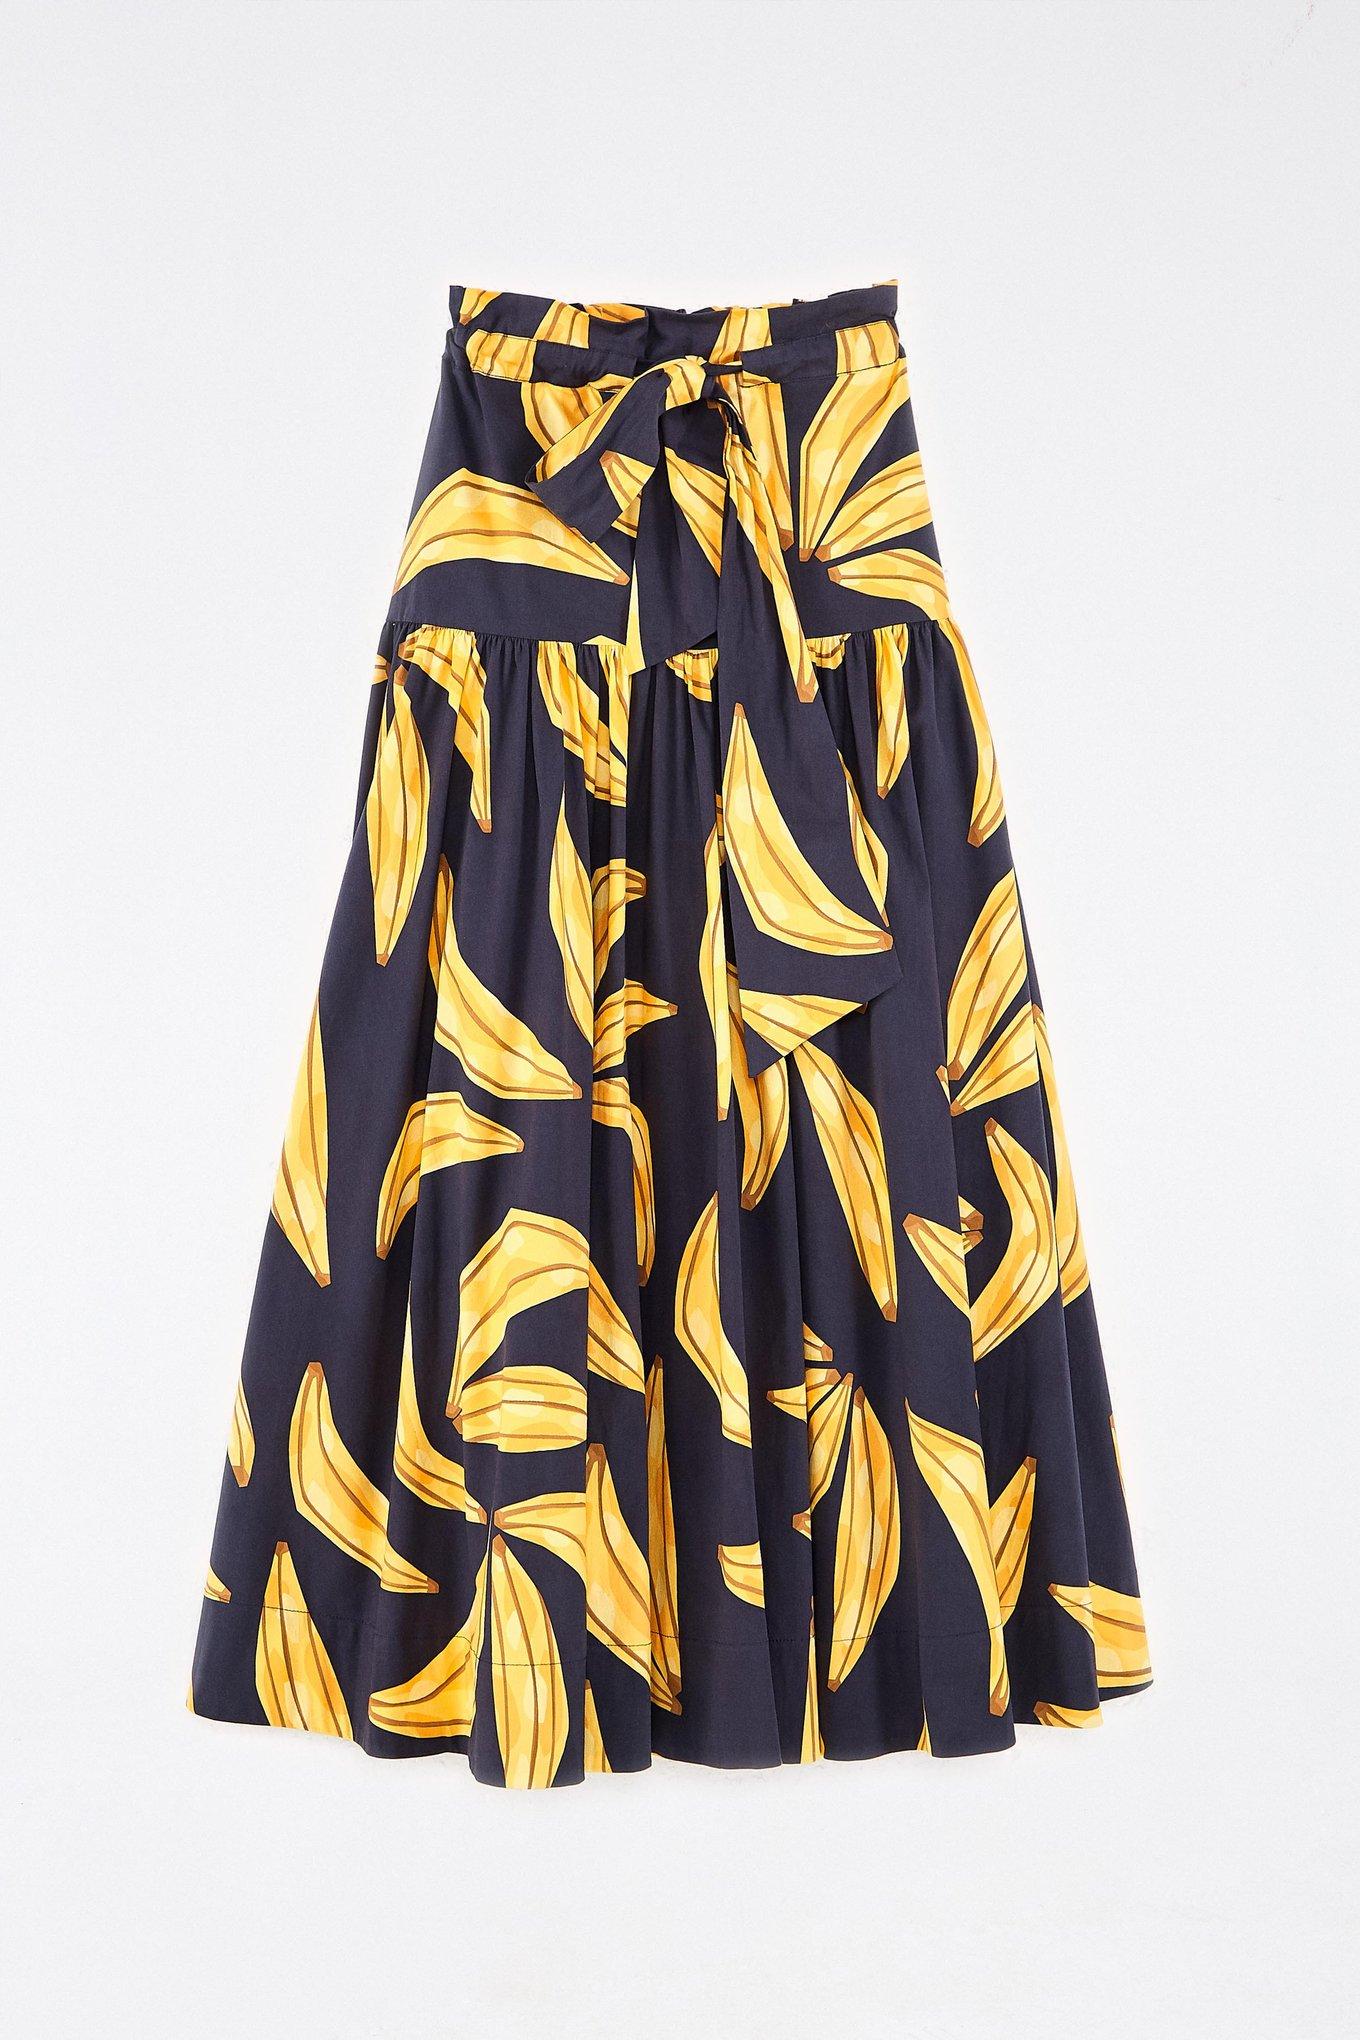 Ripe Bananas Paperbag Maxi Skirt $185